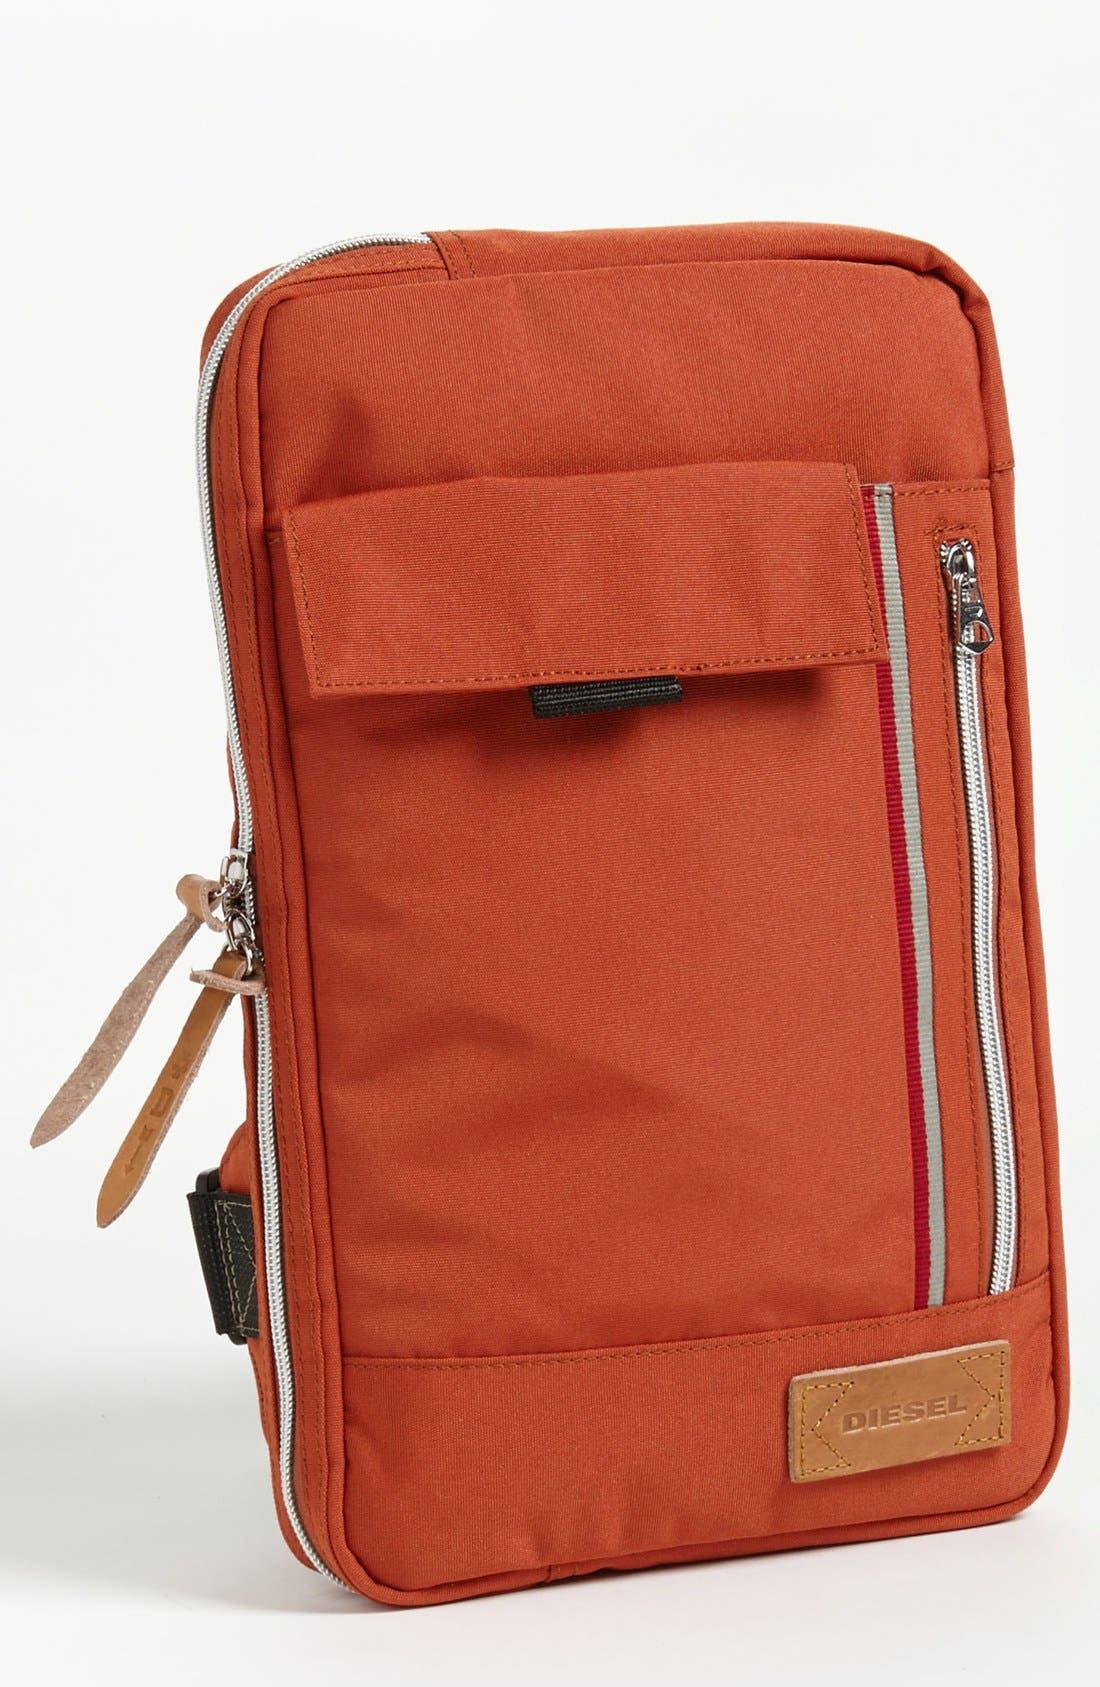 Main Image - DIESEL® 'Get On Track' Belted Messenger Bag